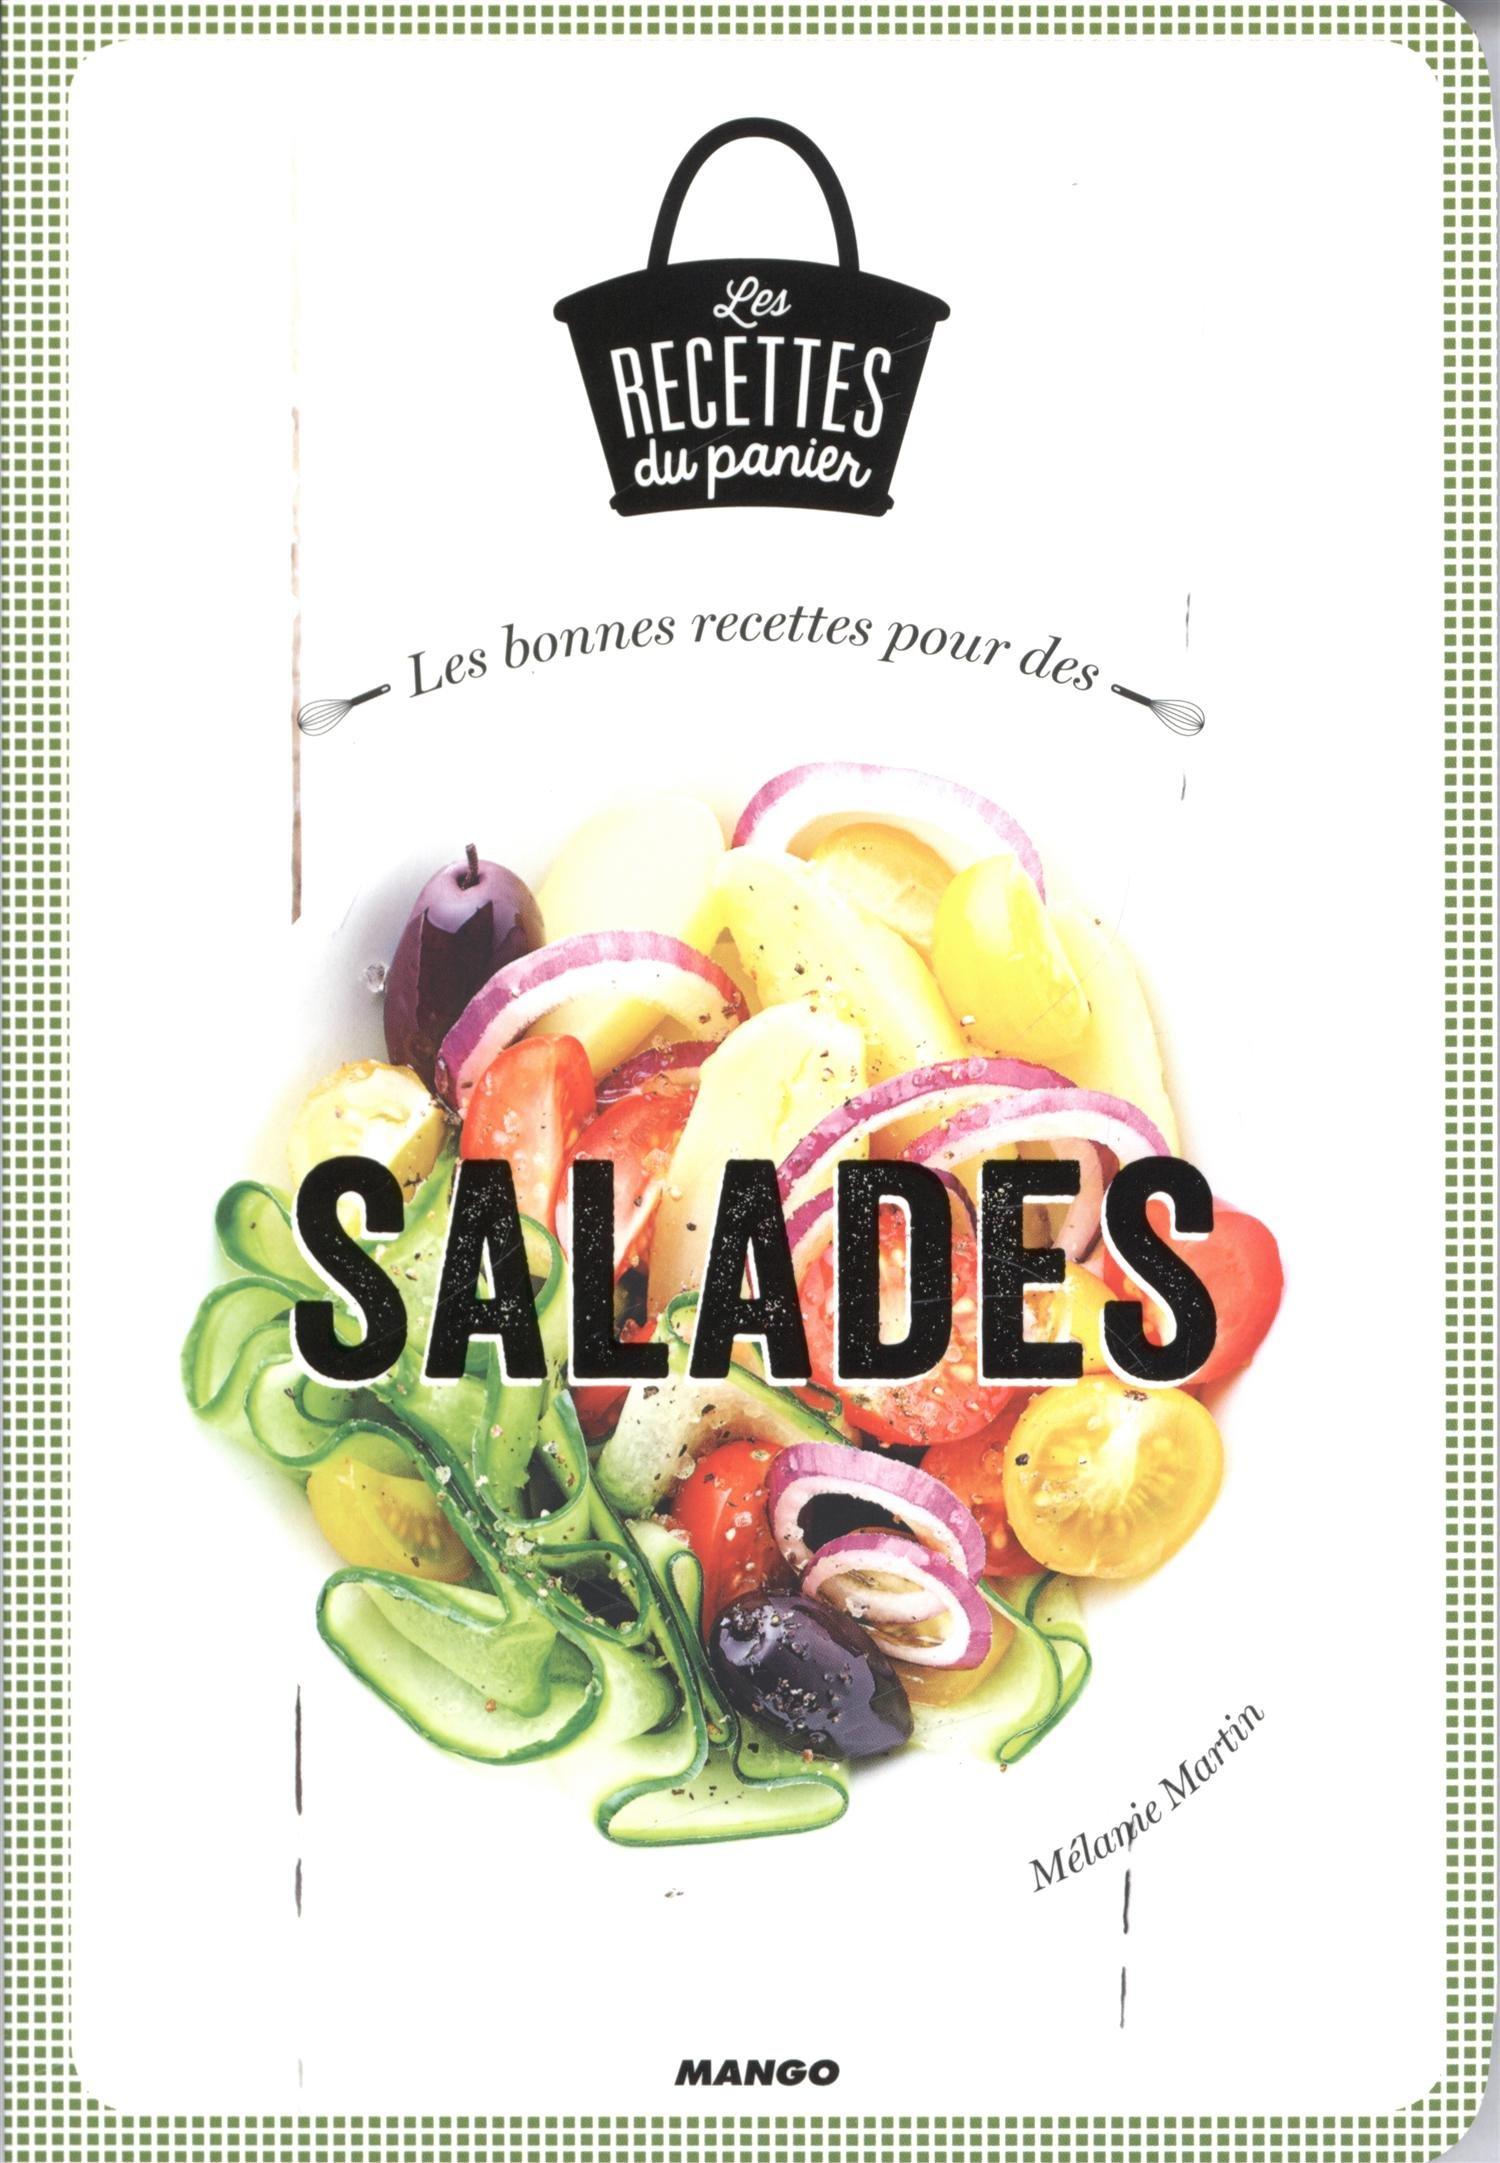 Mélanie Martin - Les bonnes recettes pour des salades